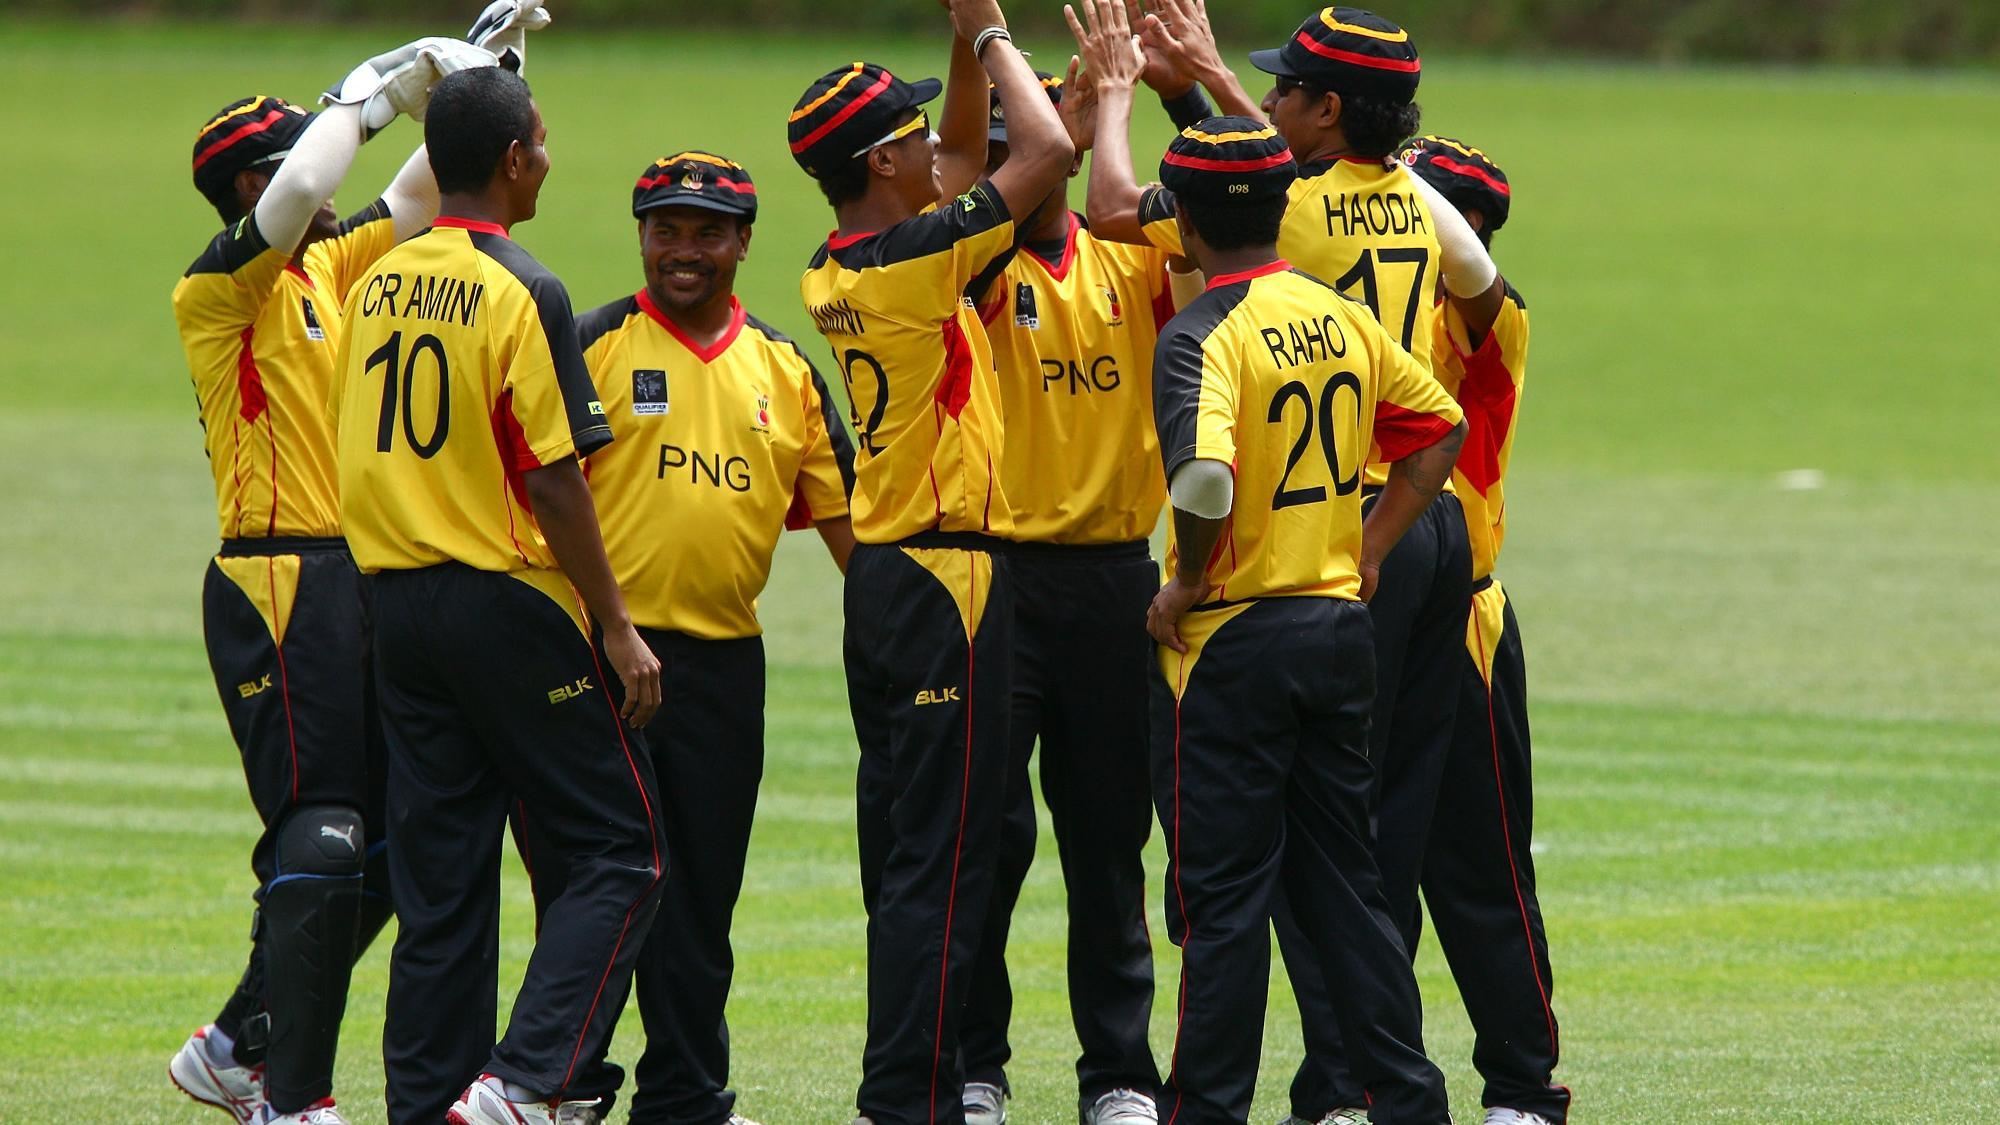 Papua New Guinea Matches Schedule T20